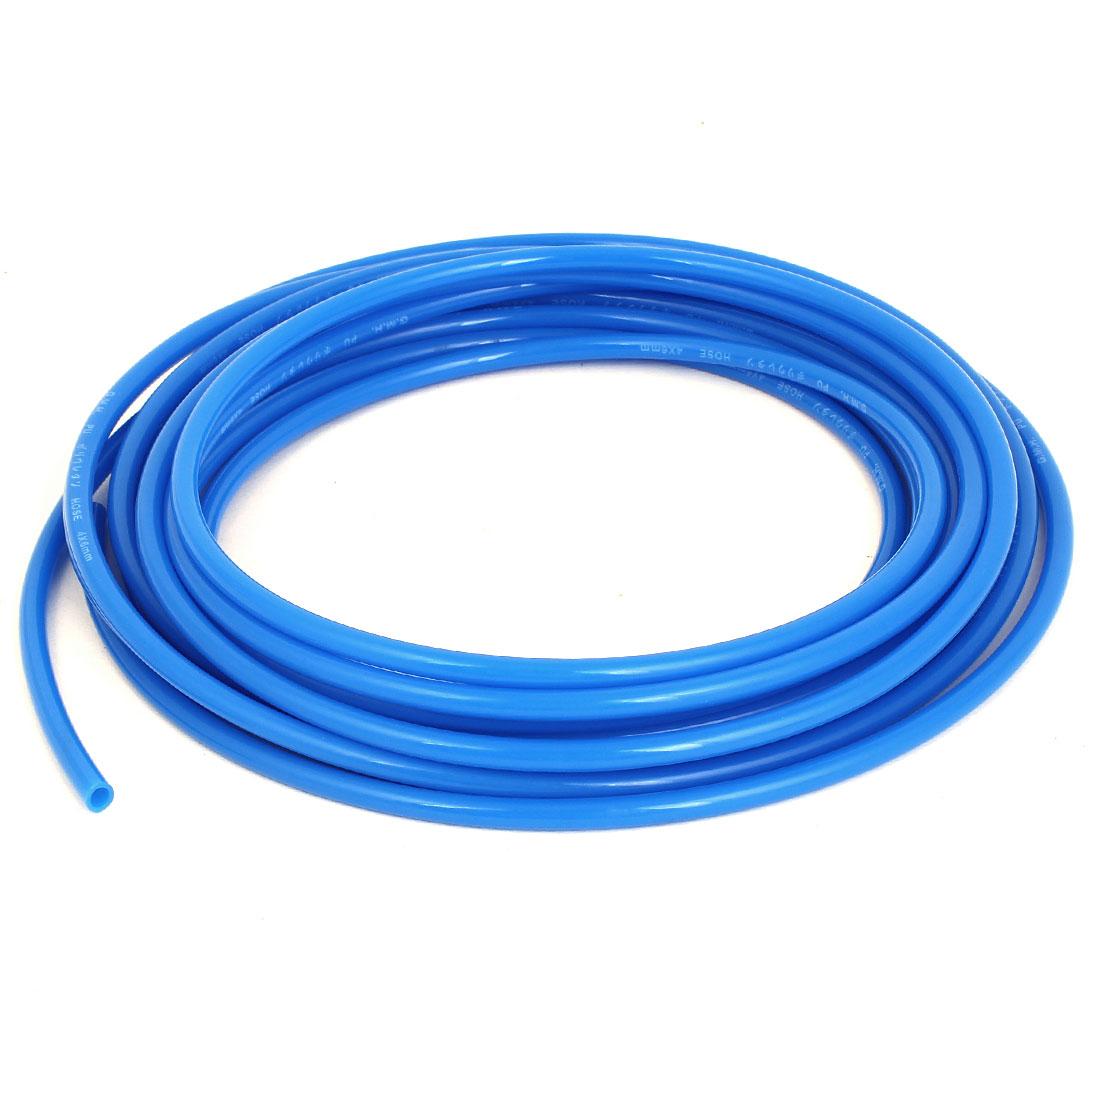 6mm OD x 4mm Inner Dia 7 Meters Long Blue PU Pneumatic Air Tubing Pipe Hose